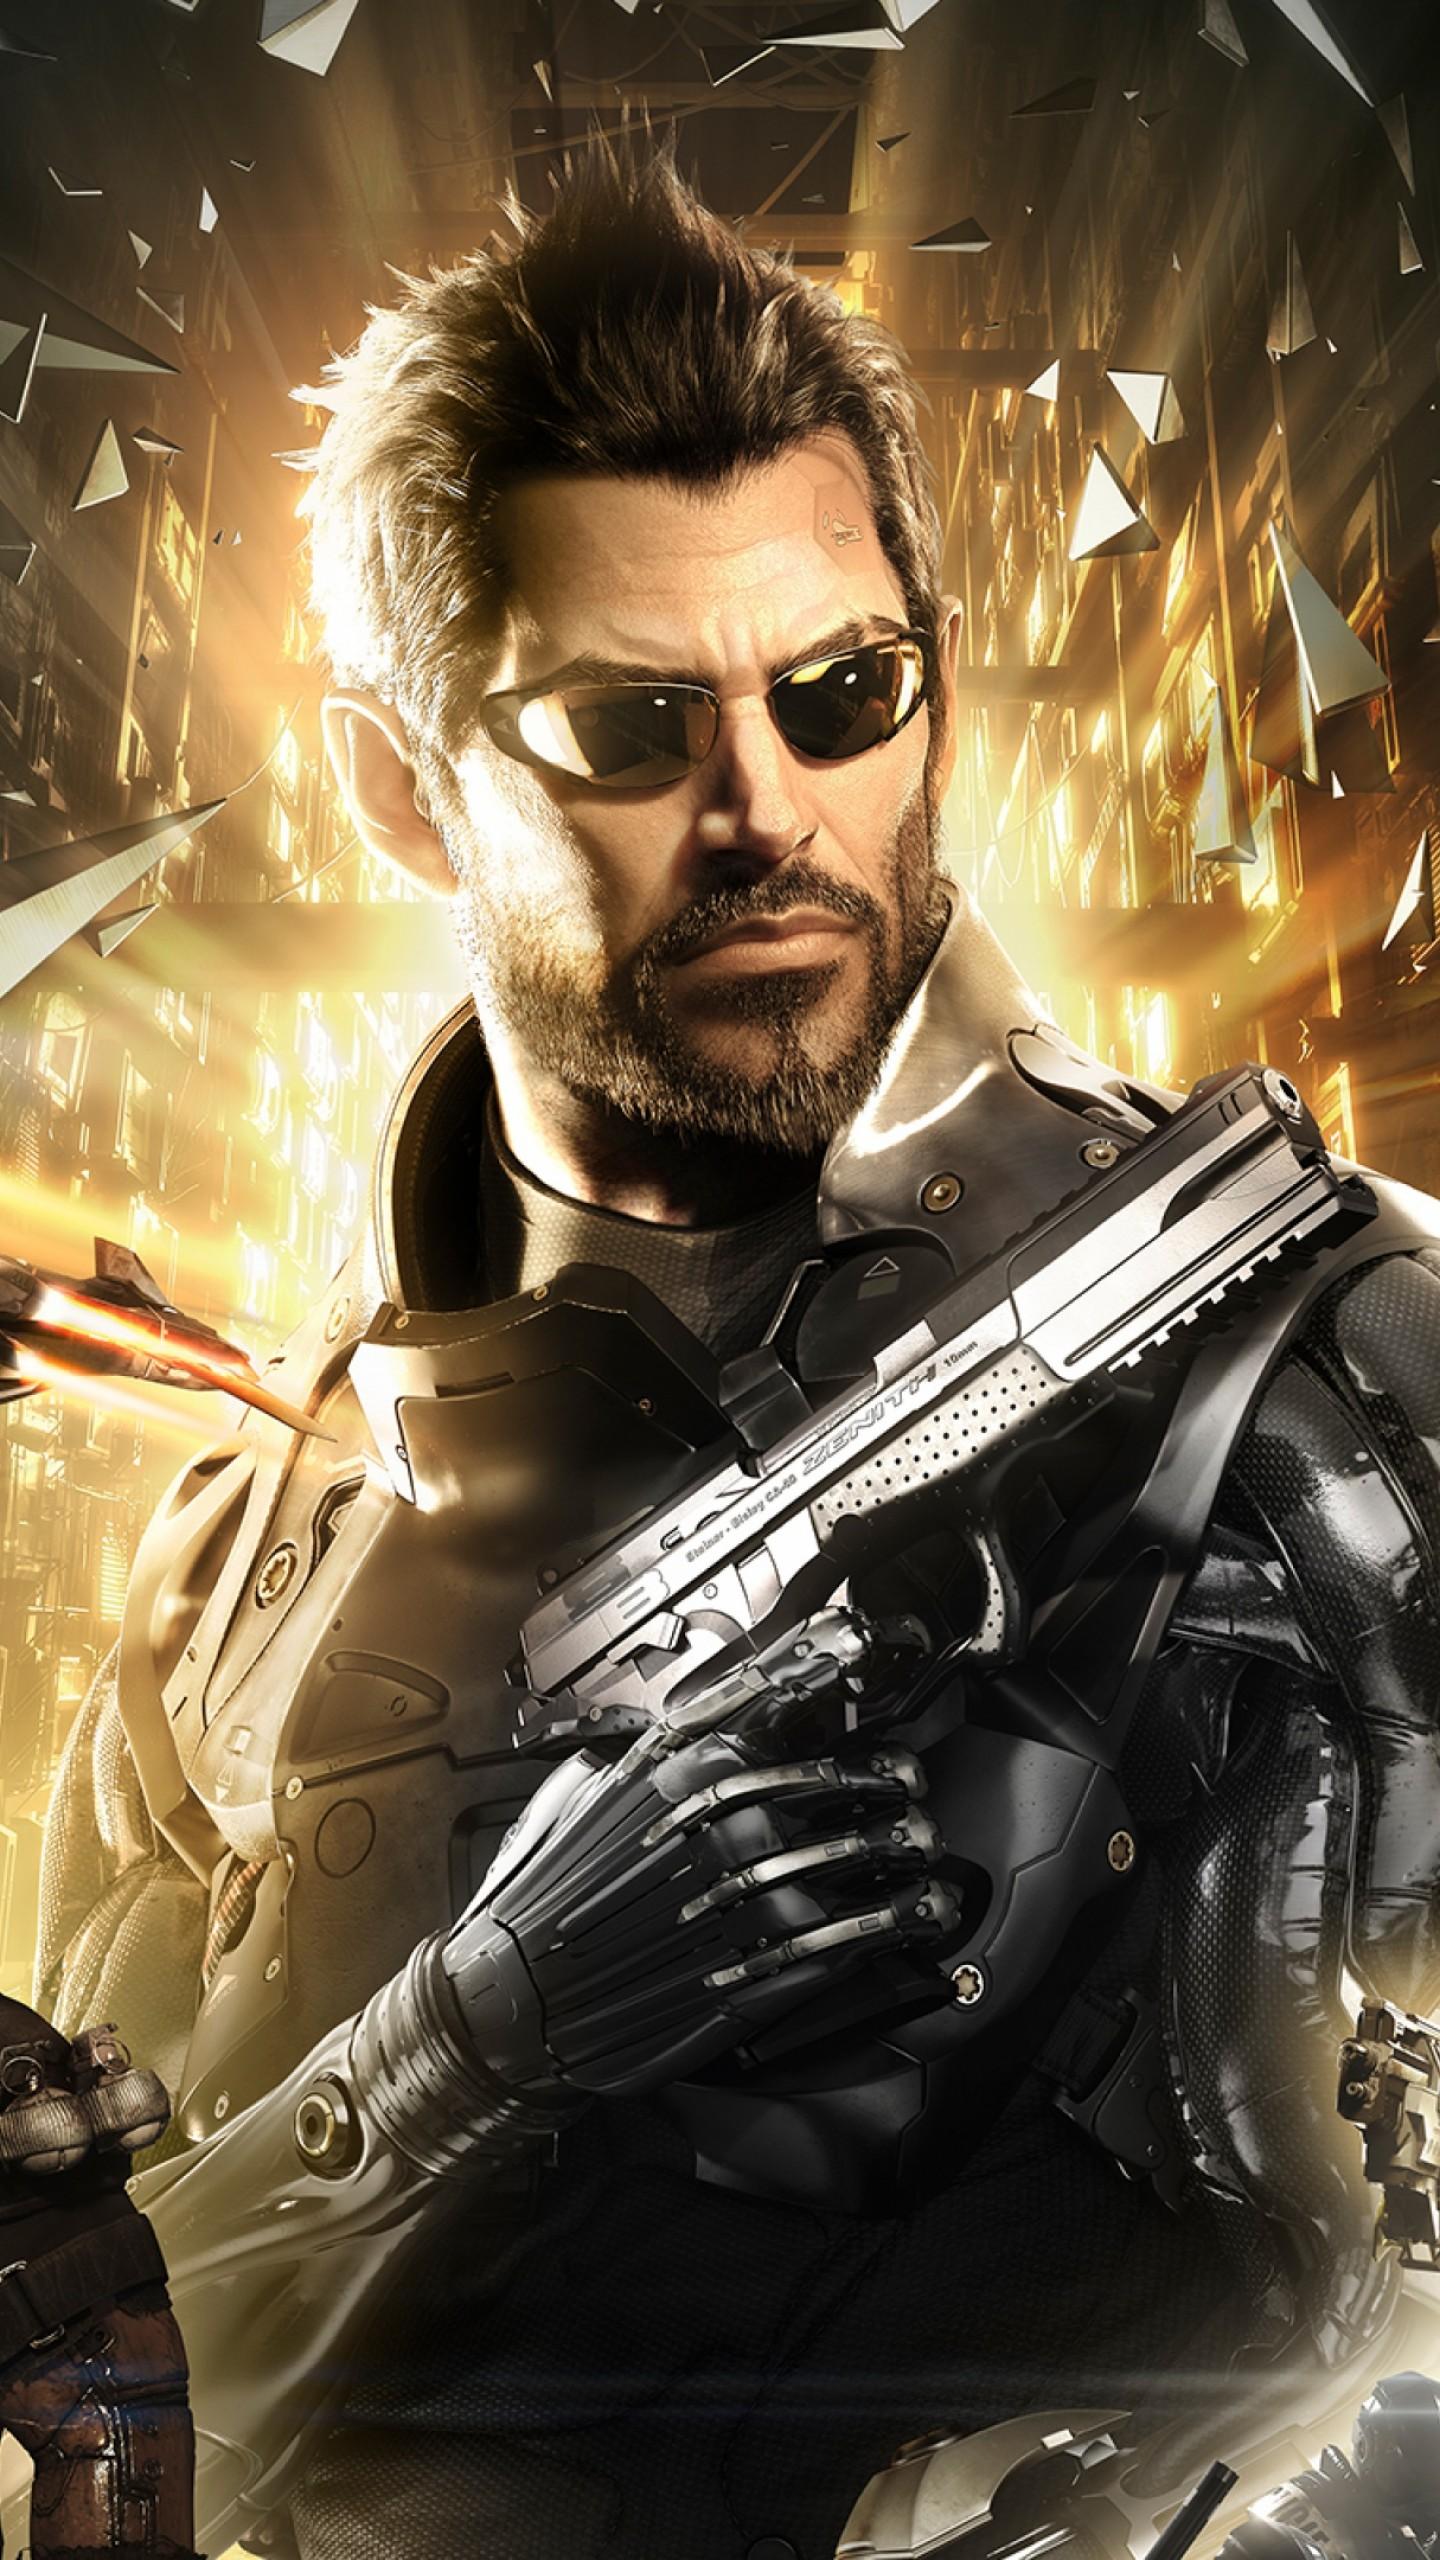 Wallpaper Deus Ex Mankind Divided Best Games 2015 Game